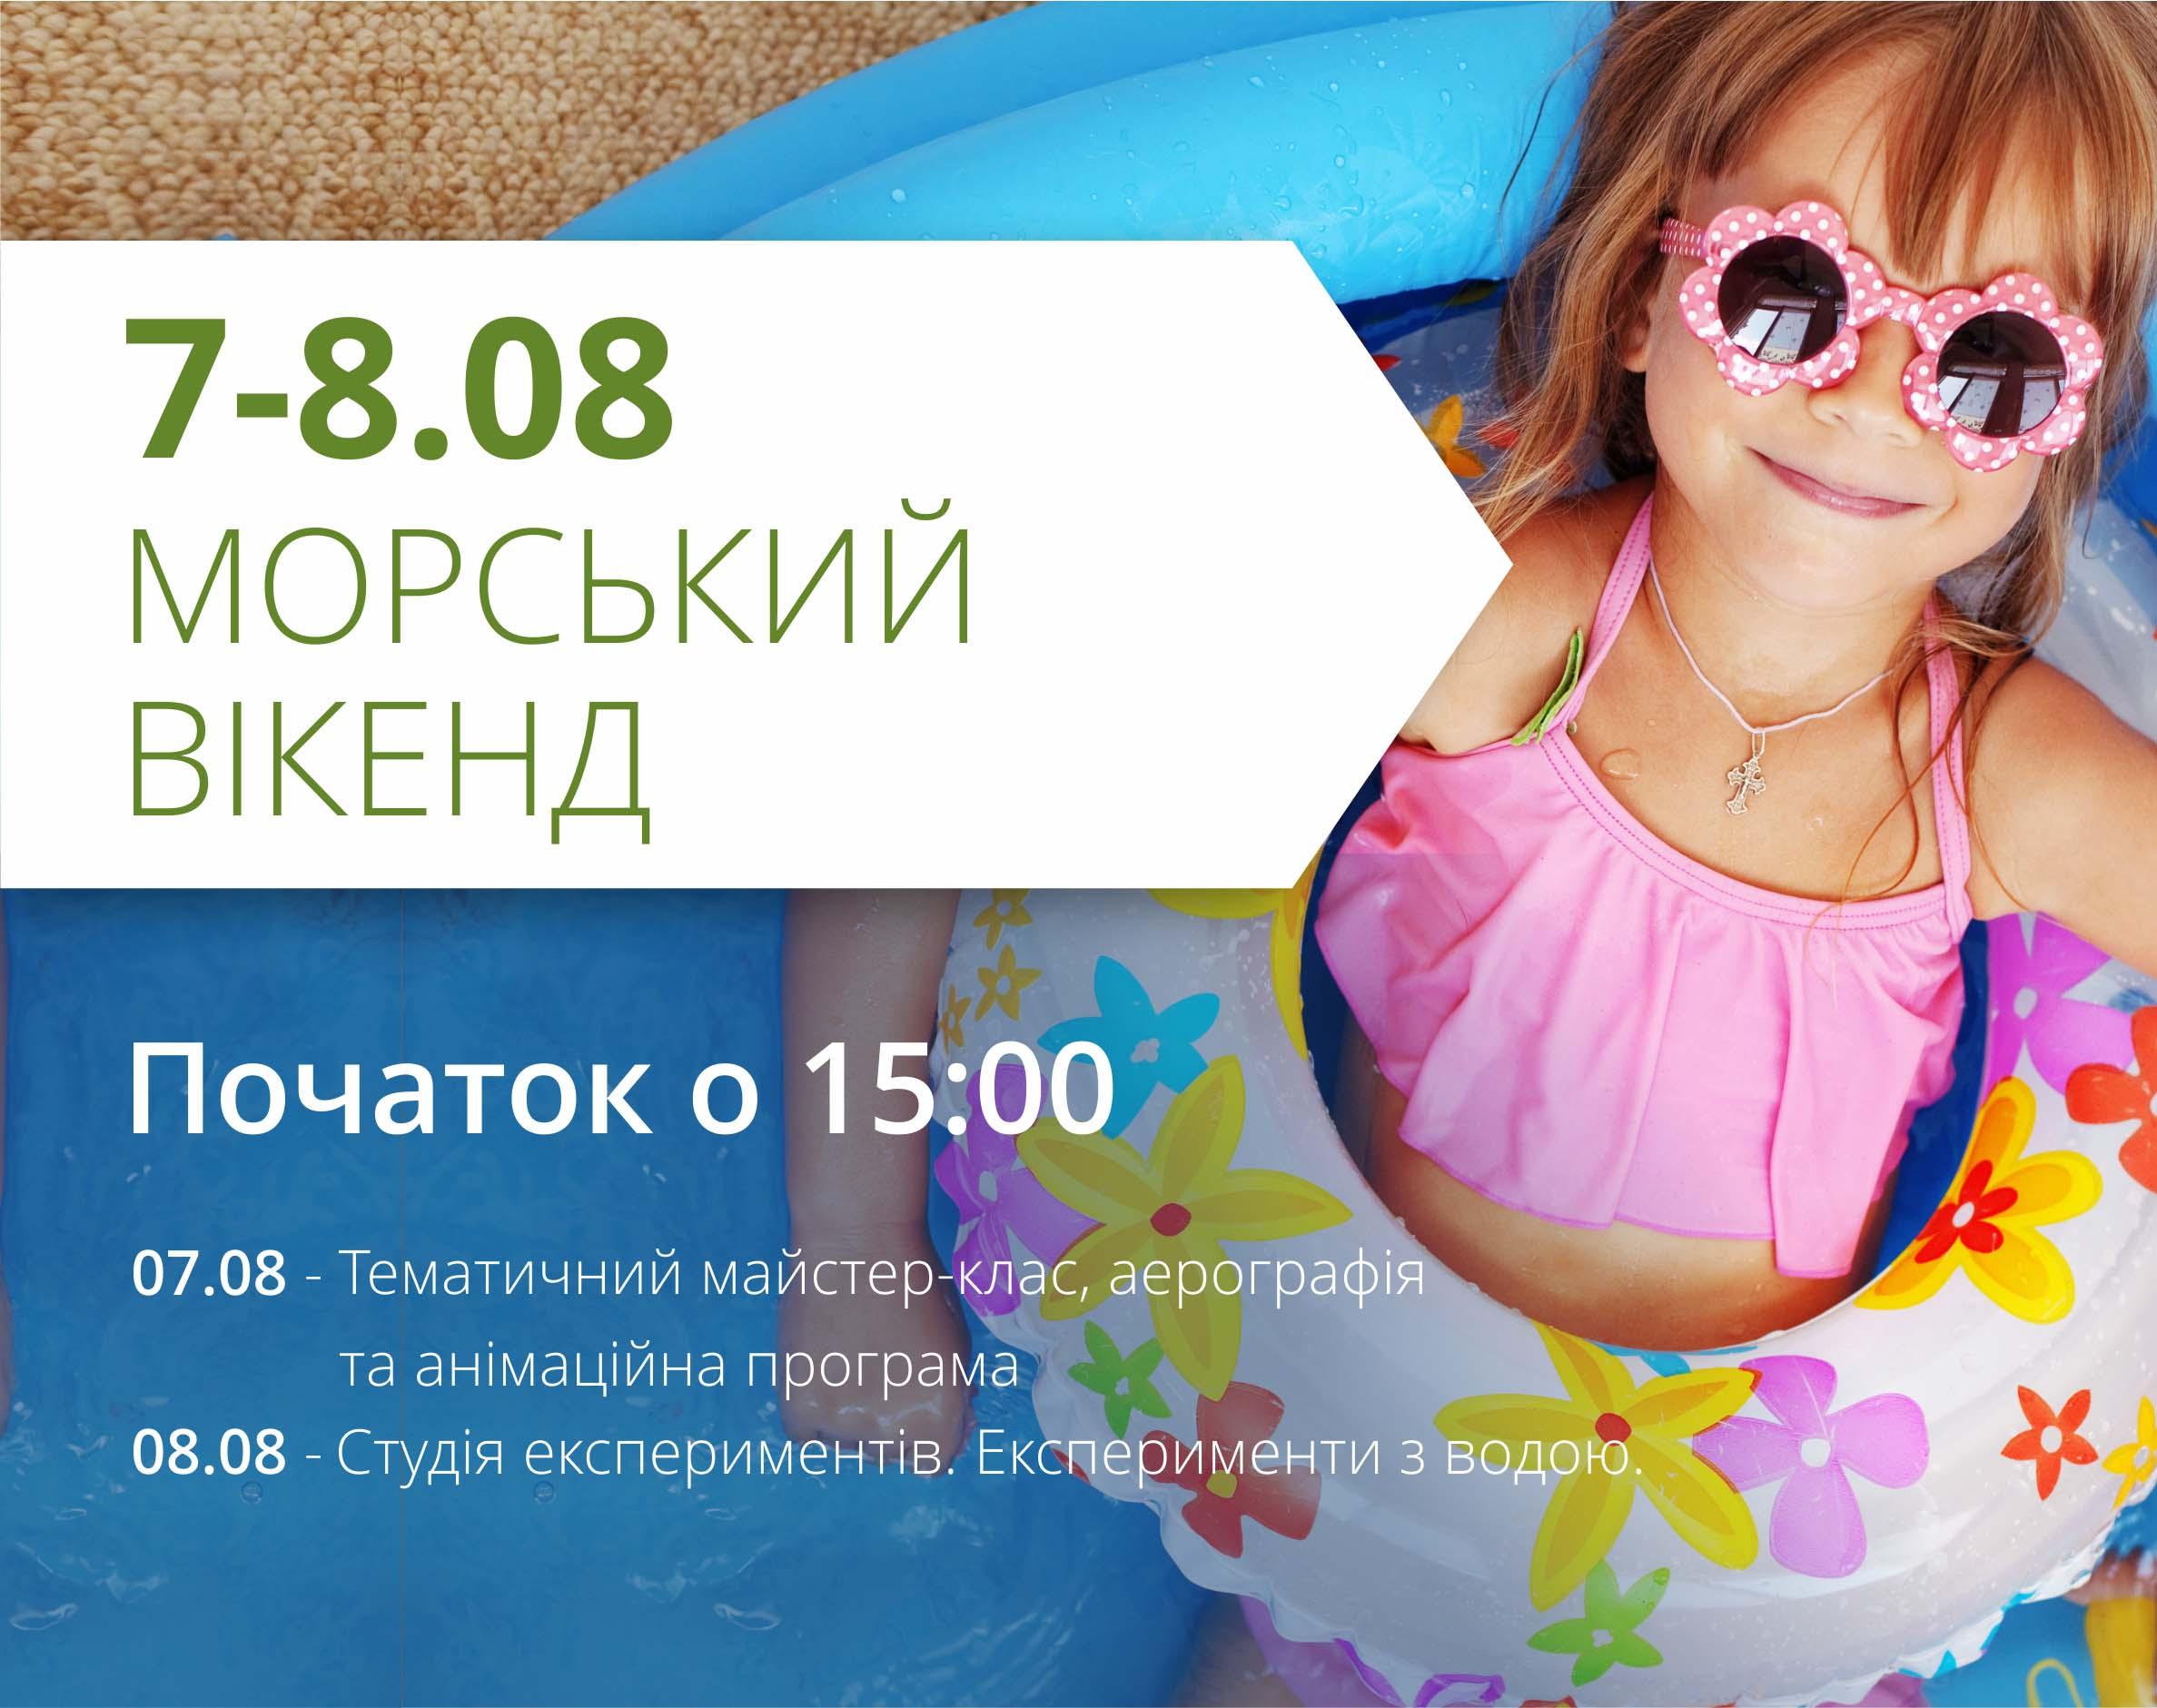 """Запрошуємо на морський вікенд в ТРЦ """"Любава"""""""